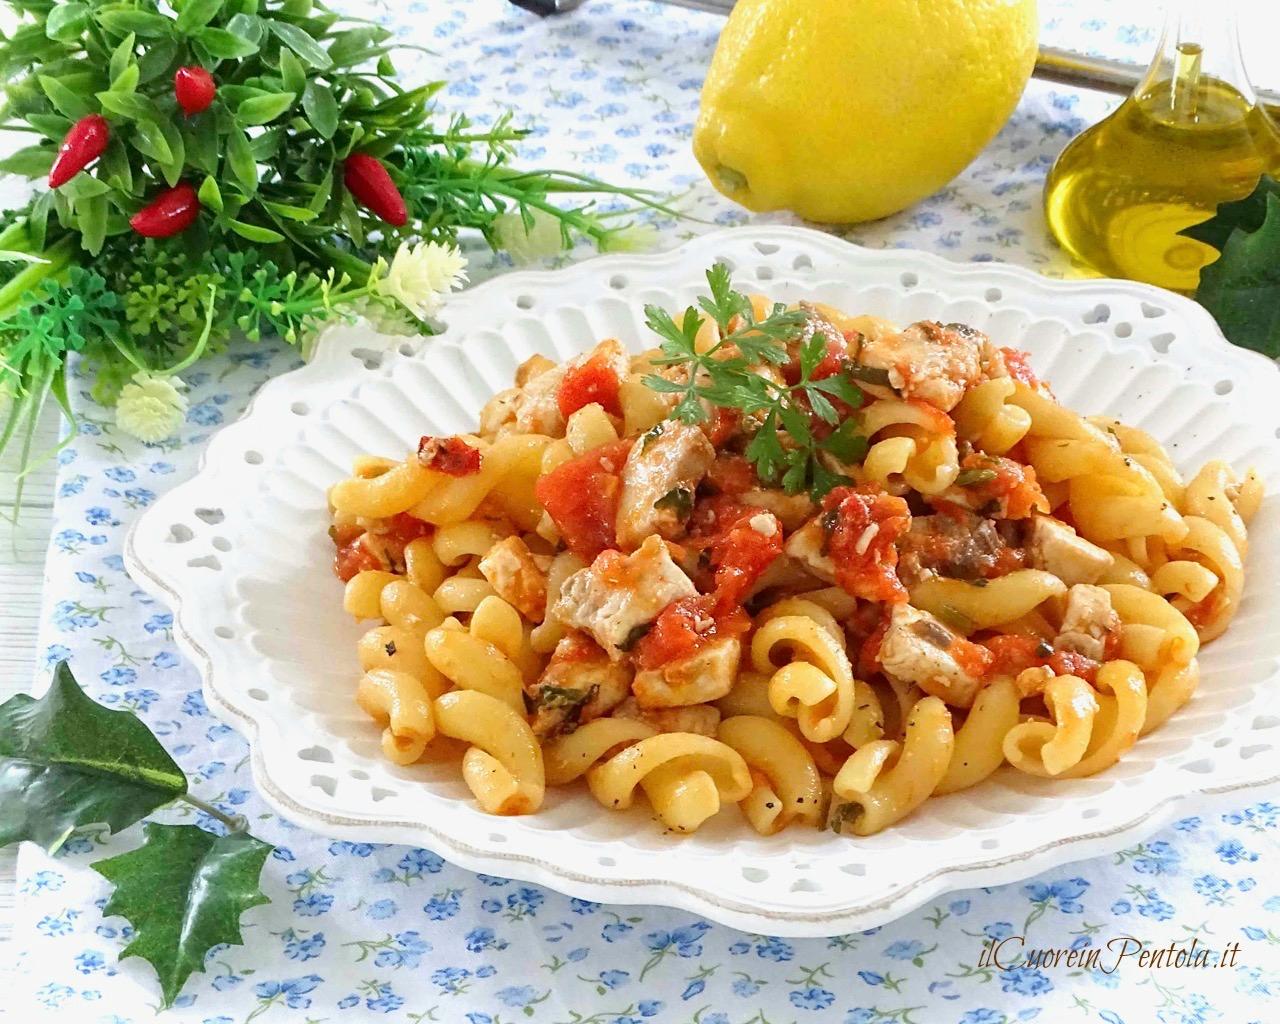 Pasta con pesce spada ricetta il cuore in pentola for Pasta ricette